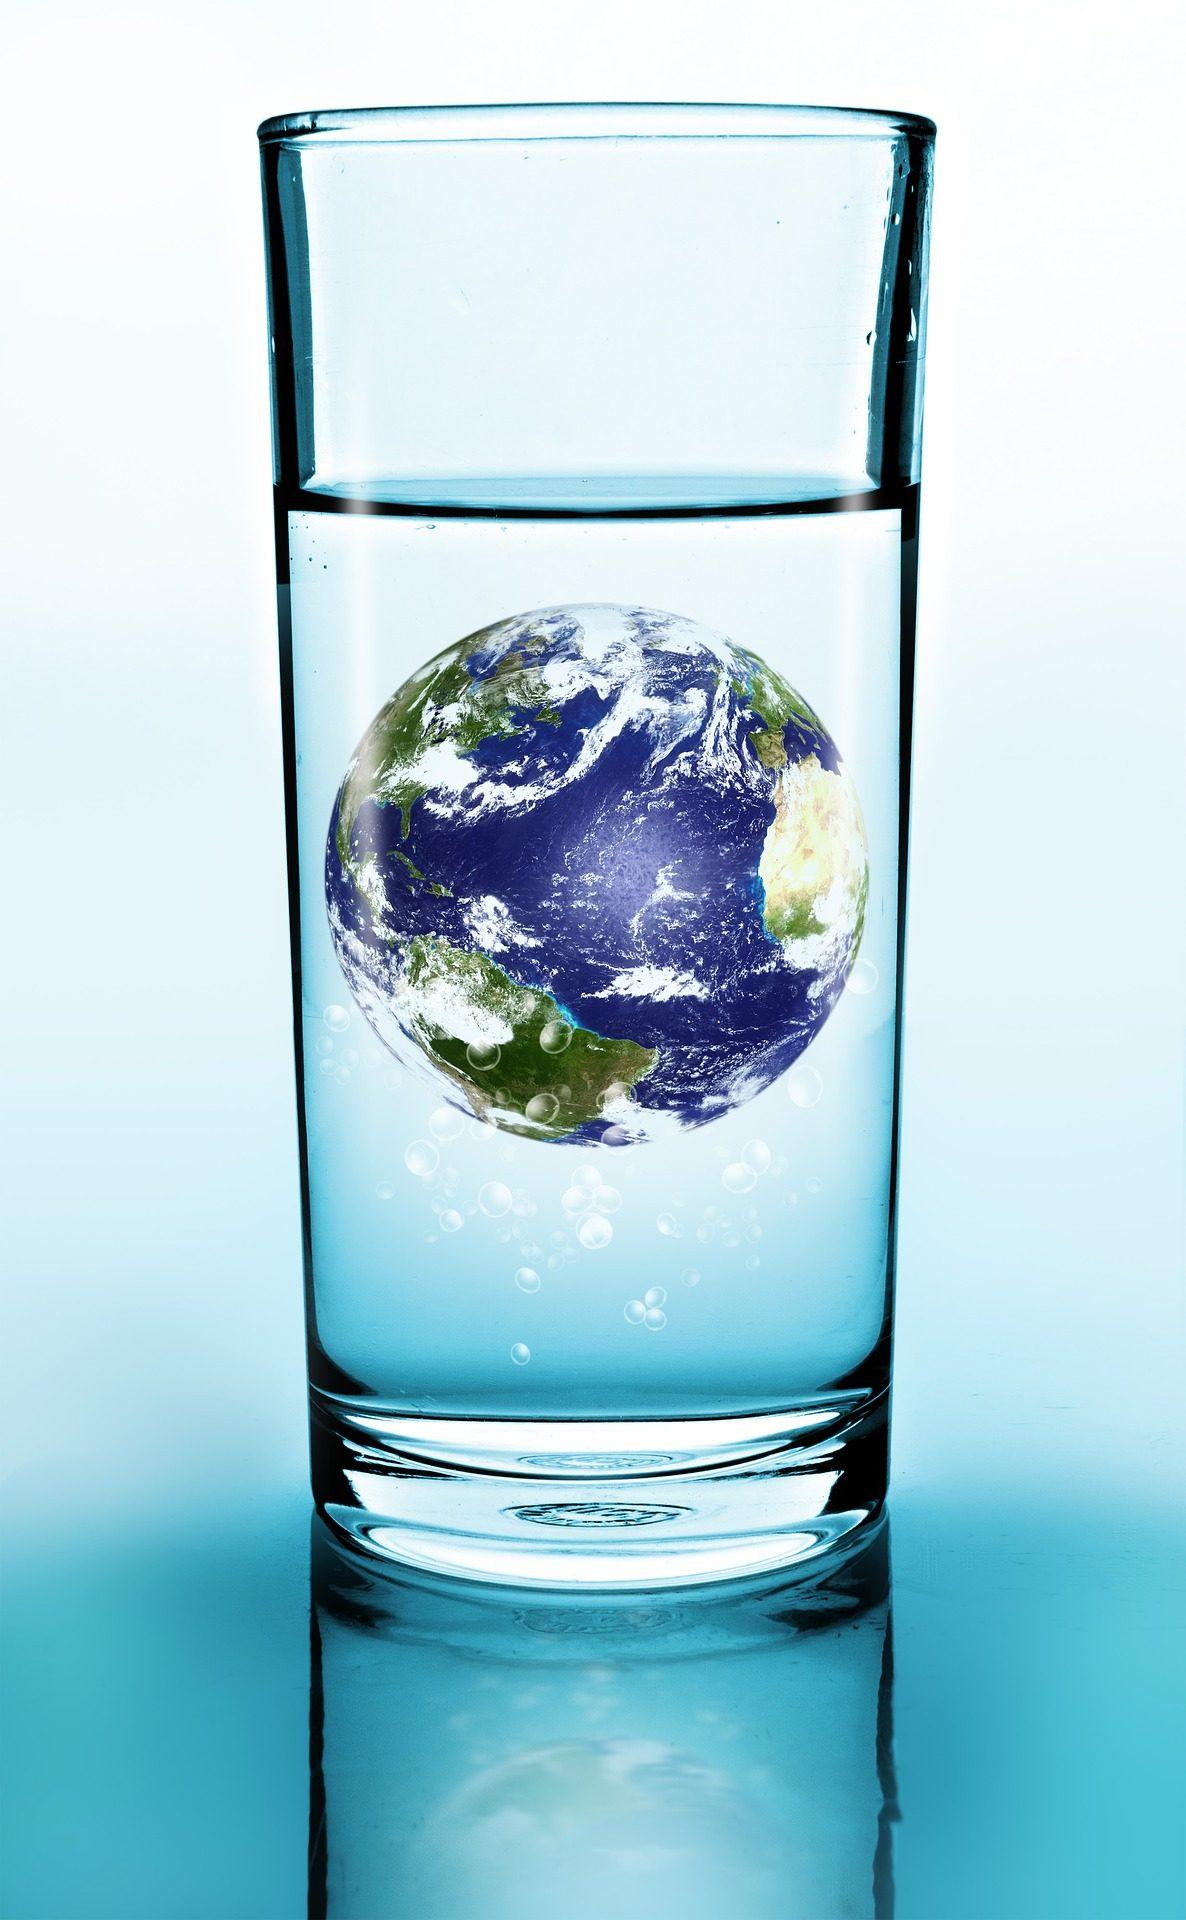 玻璃, 水, 地球, 了世界, 行星, 领域 - 高清壁纸 - 教授-falken.com